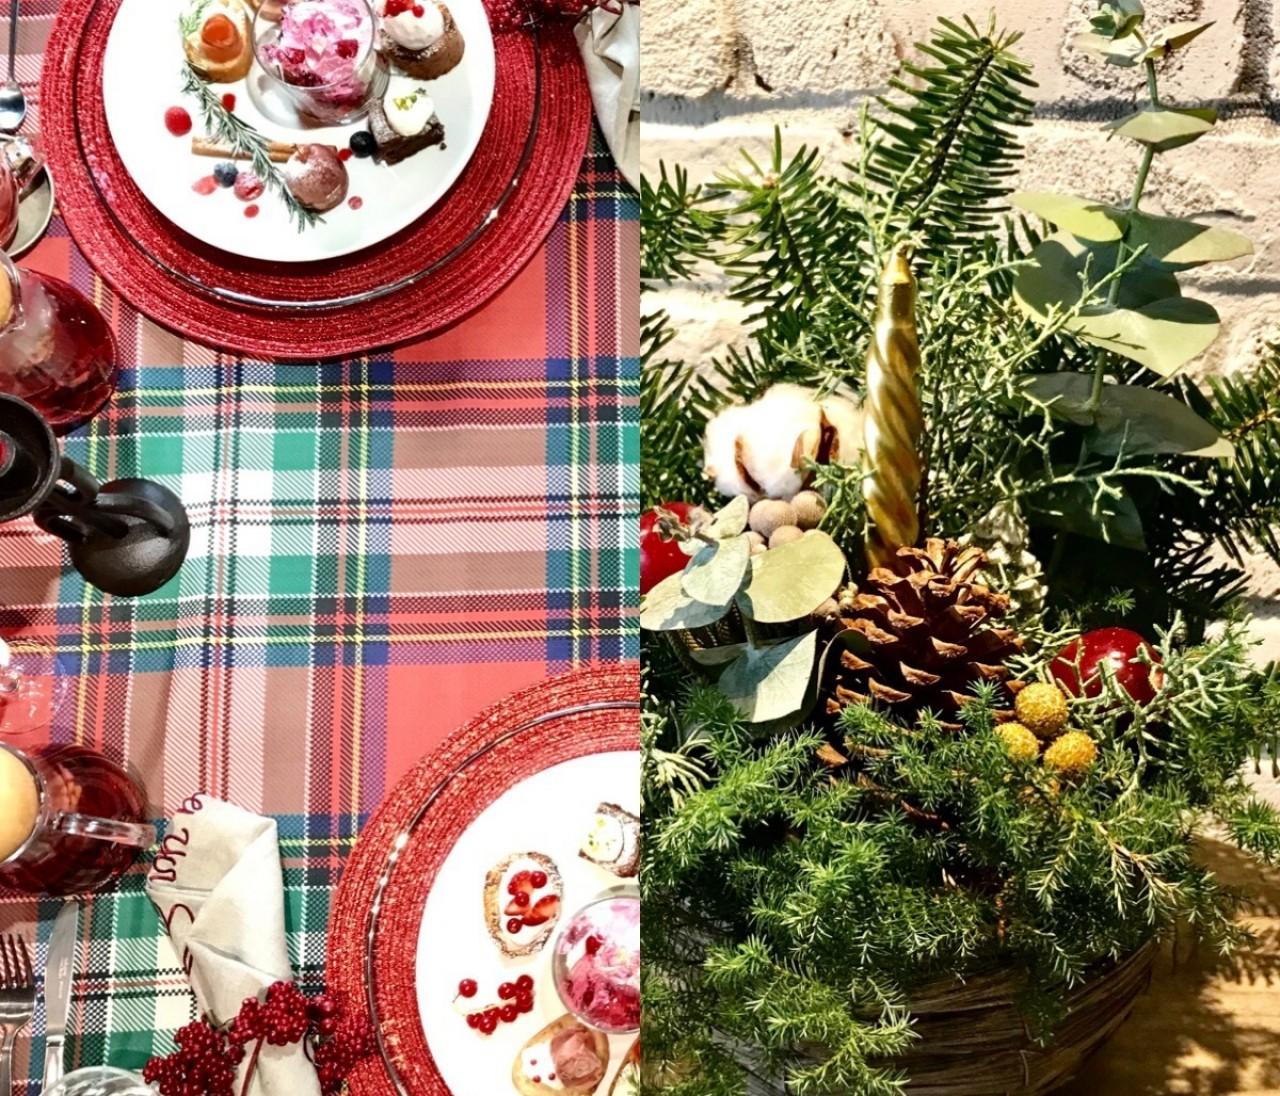 【ZARA HOME(ザラホーム)】新作雑貨で簡単おしゃれクリスマスインテリア